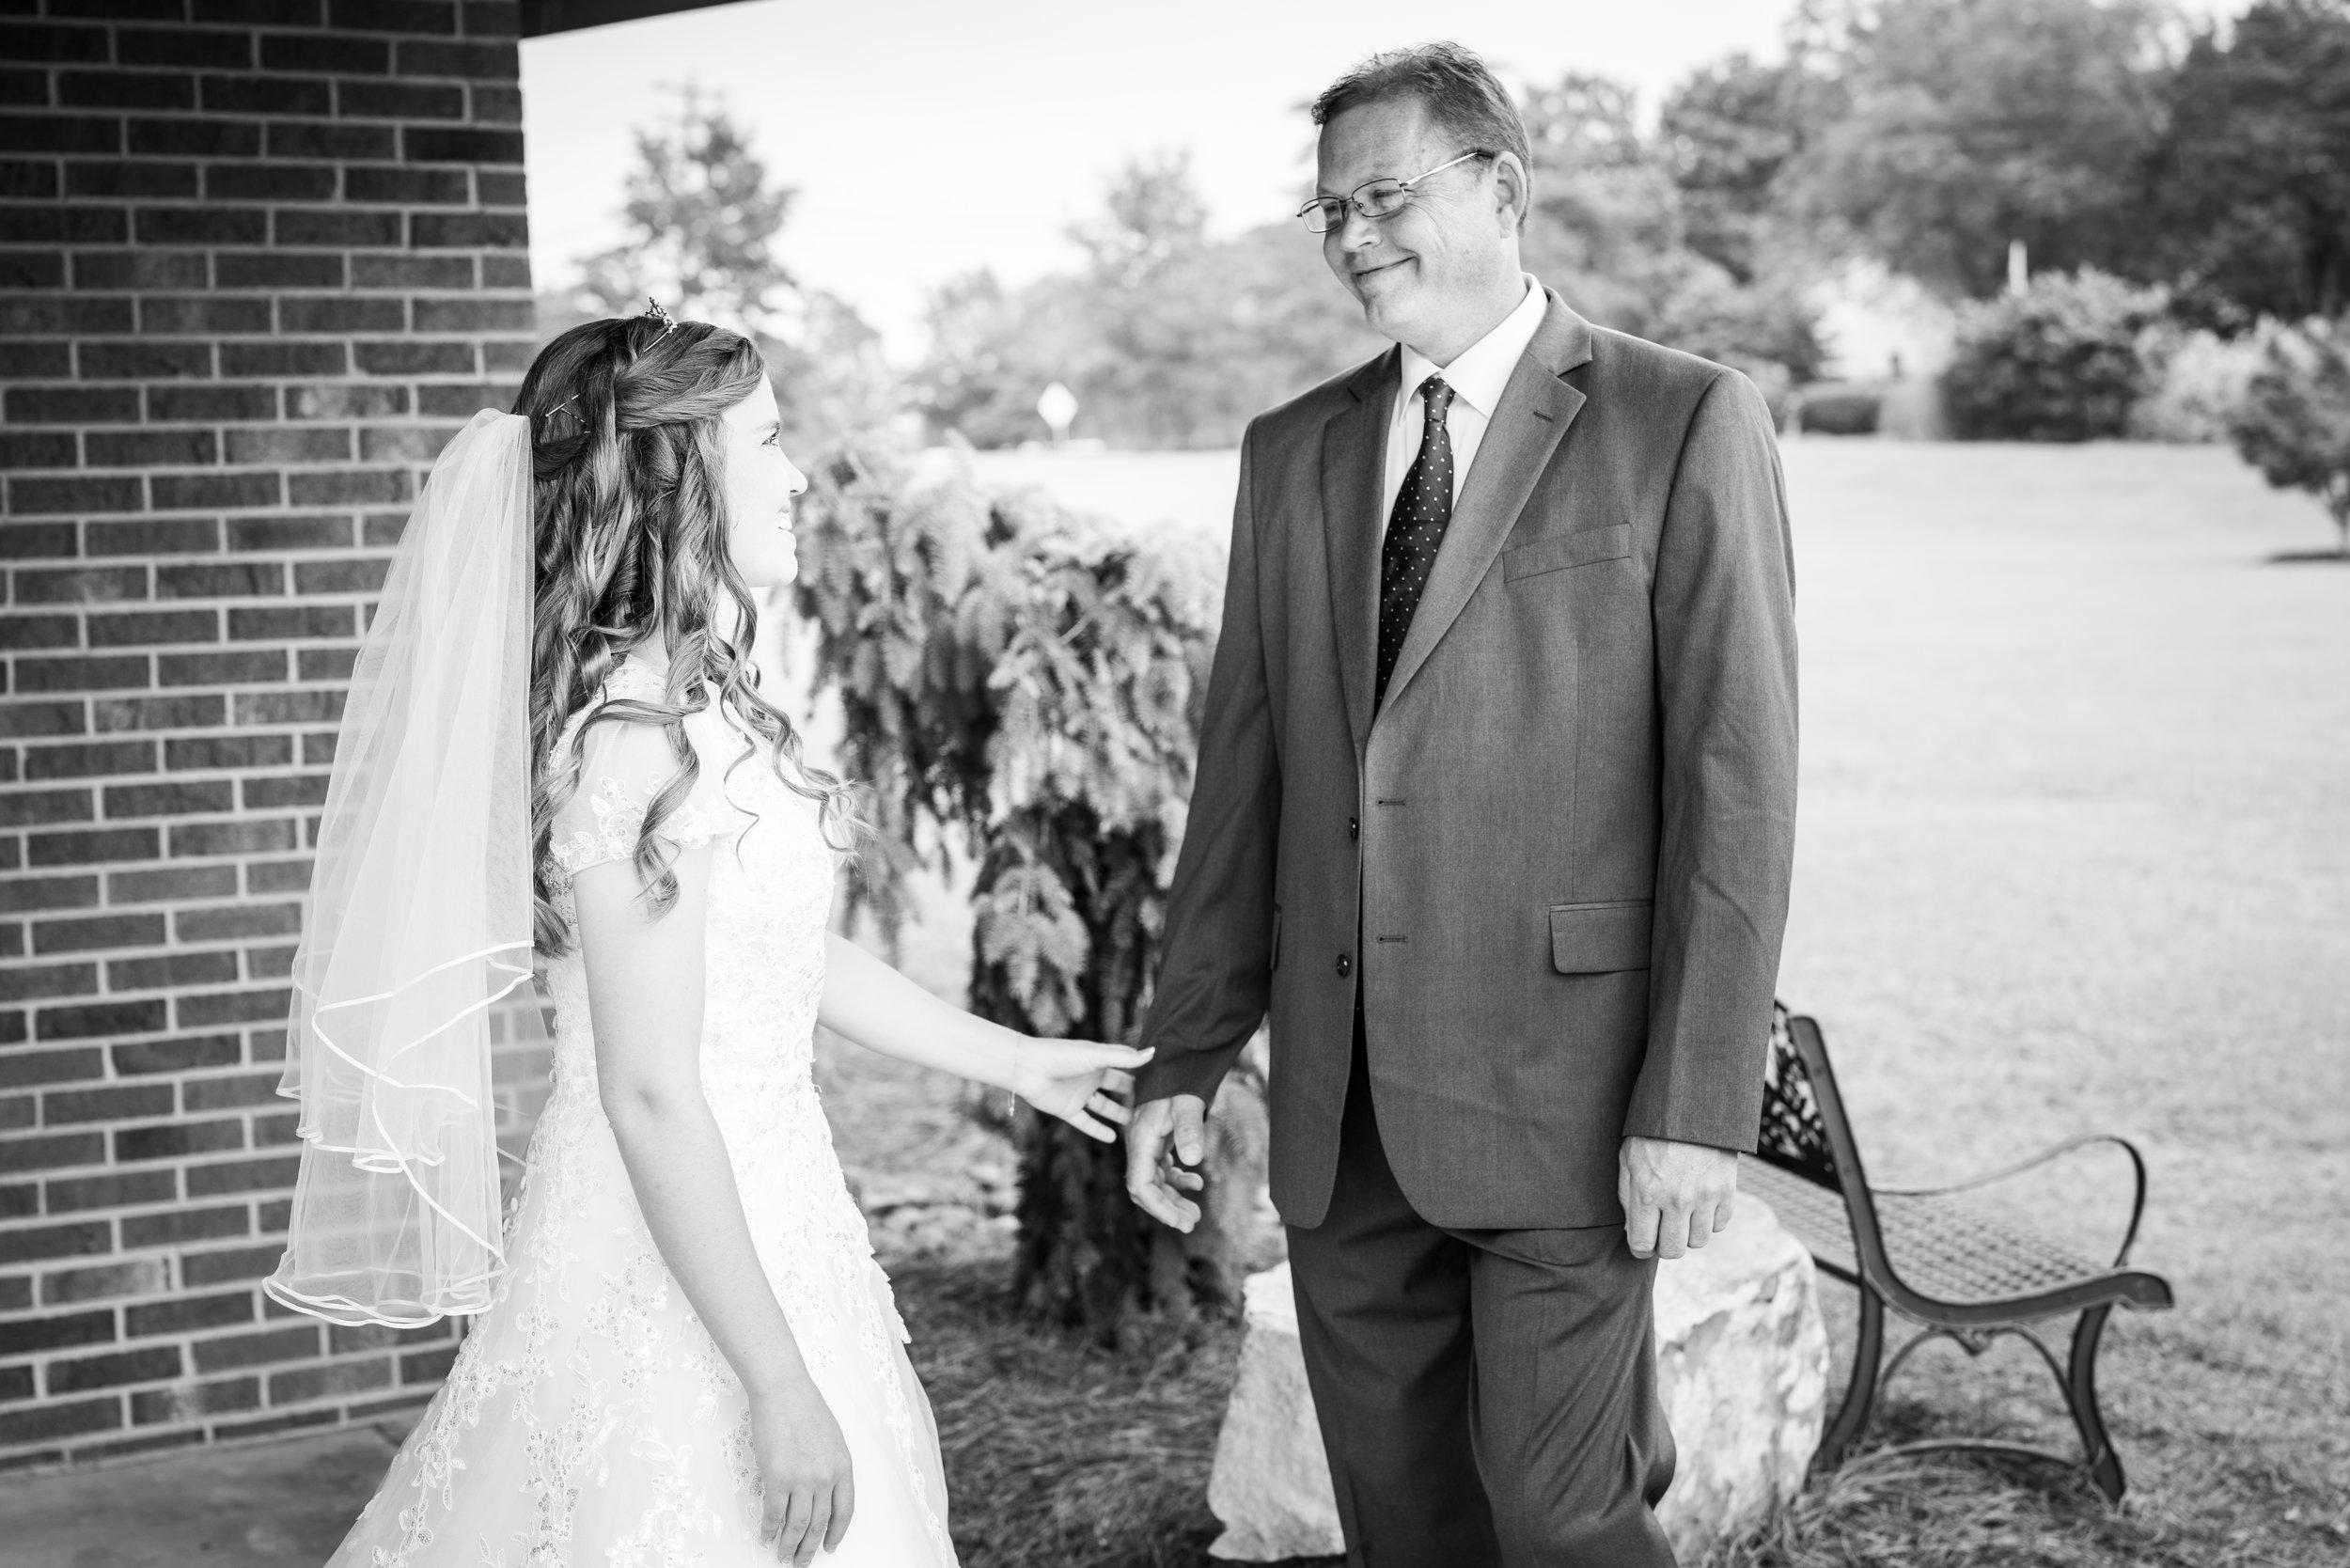 jessica-stephen-bishop-wedding-81.jpg